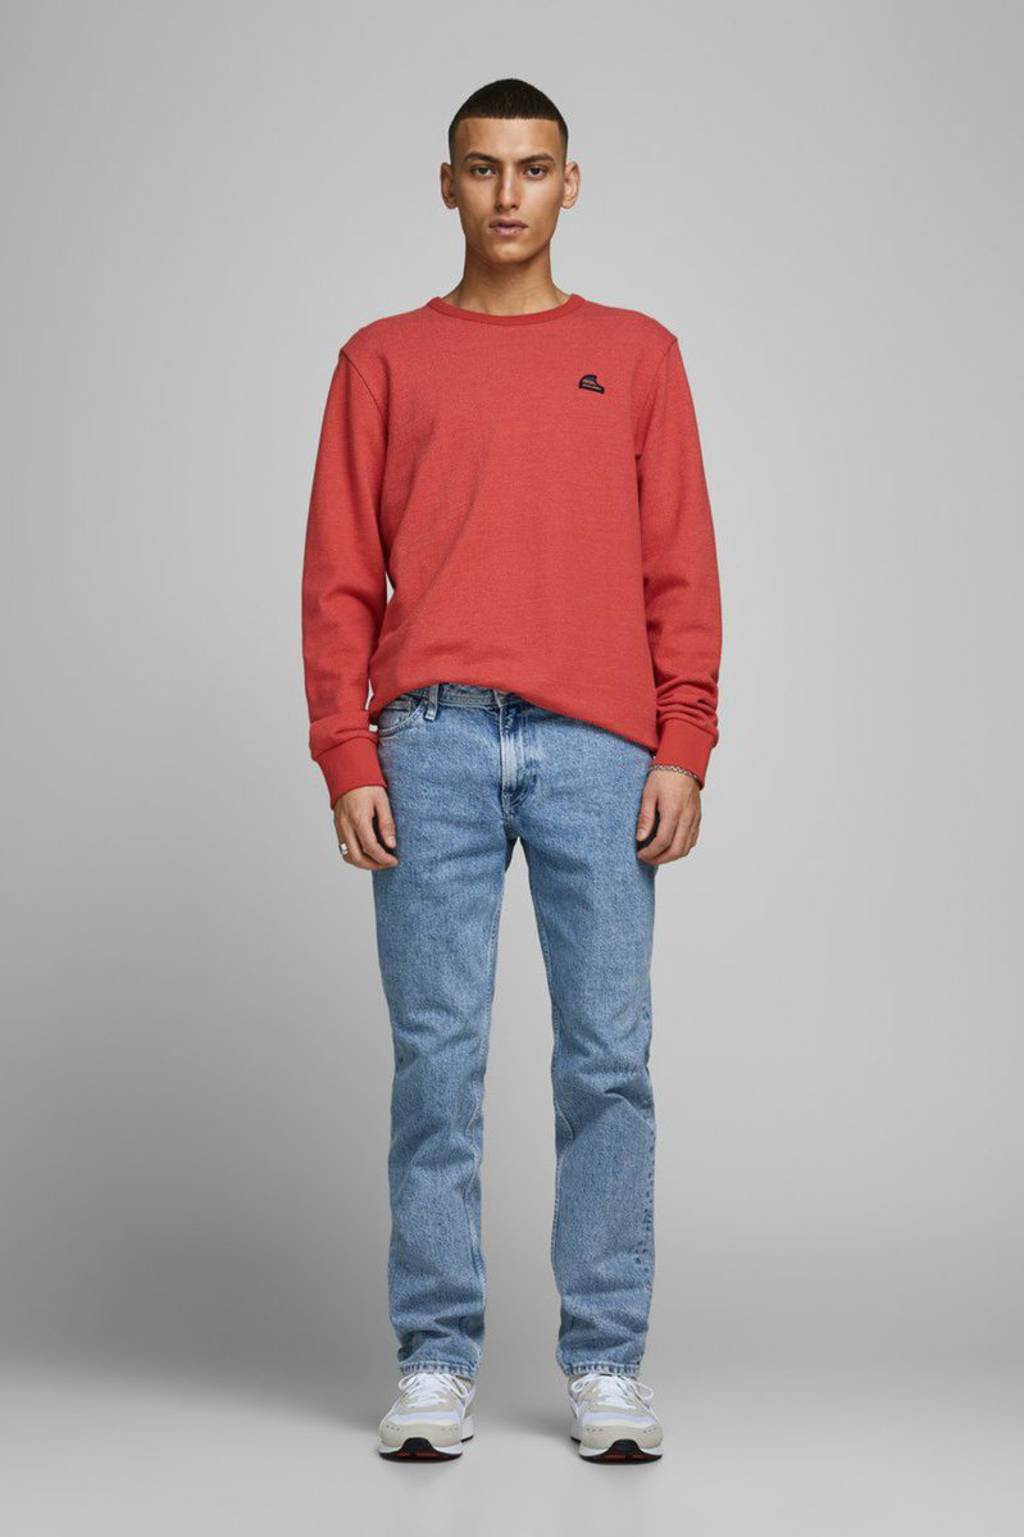 JACK & JONES ORIGINALS sweater oranje, Oranje